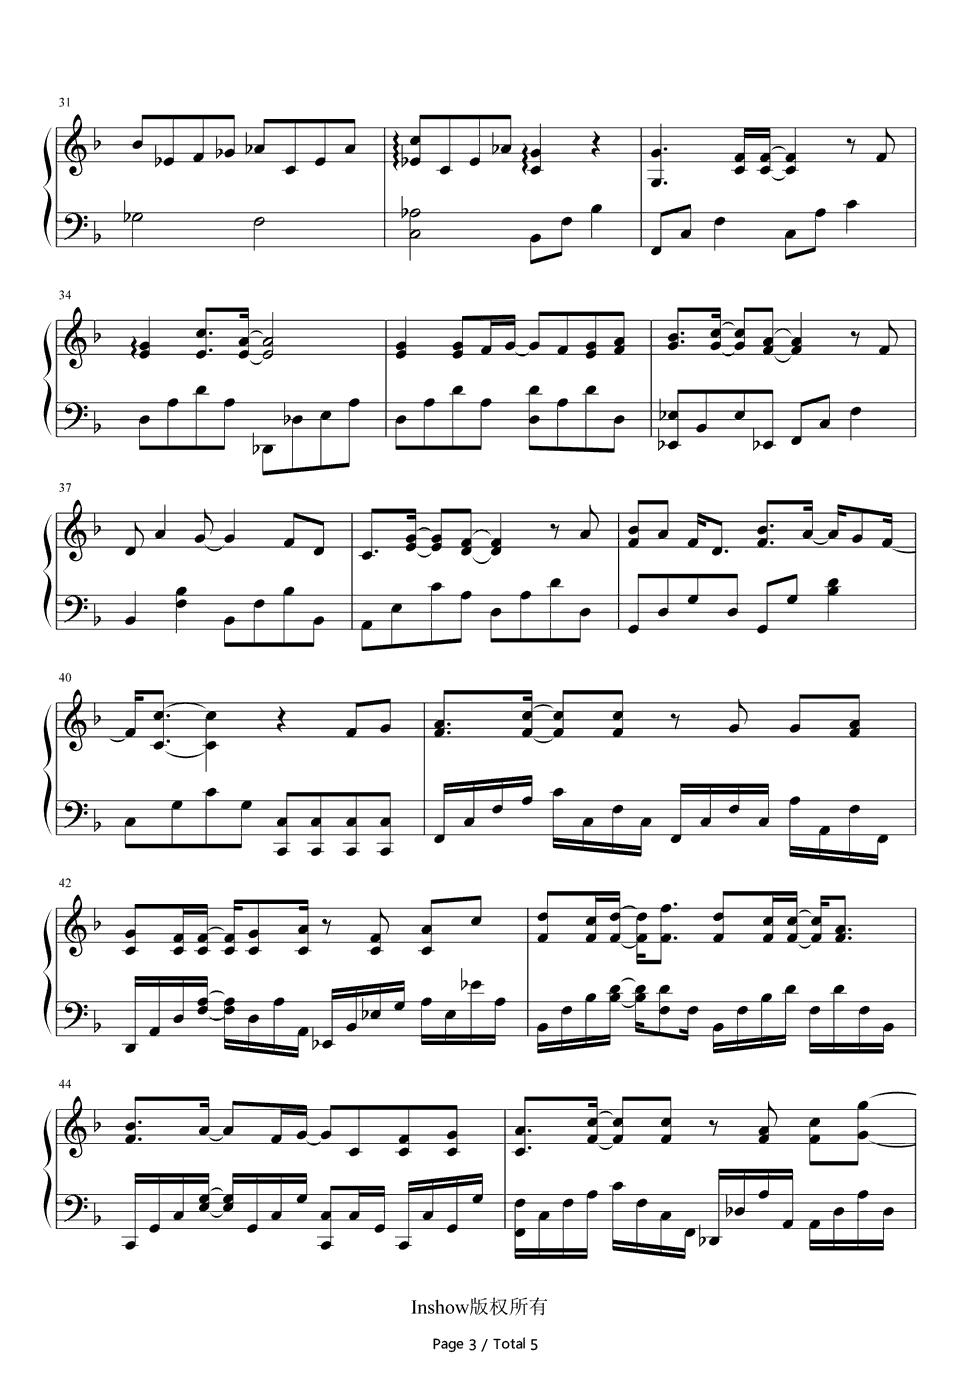 钢琴曲谱 流行 心如玄铁-活色生香片尾曲 心如玄铁-活色生香片尾曲